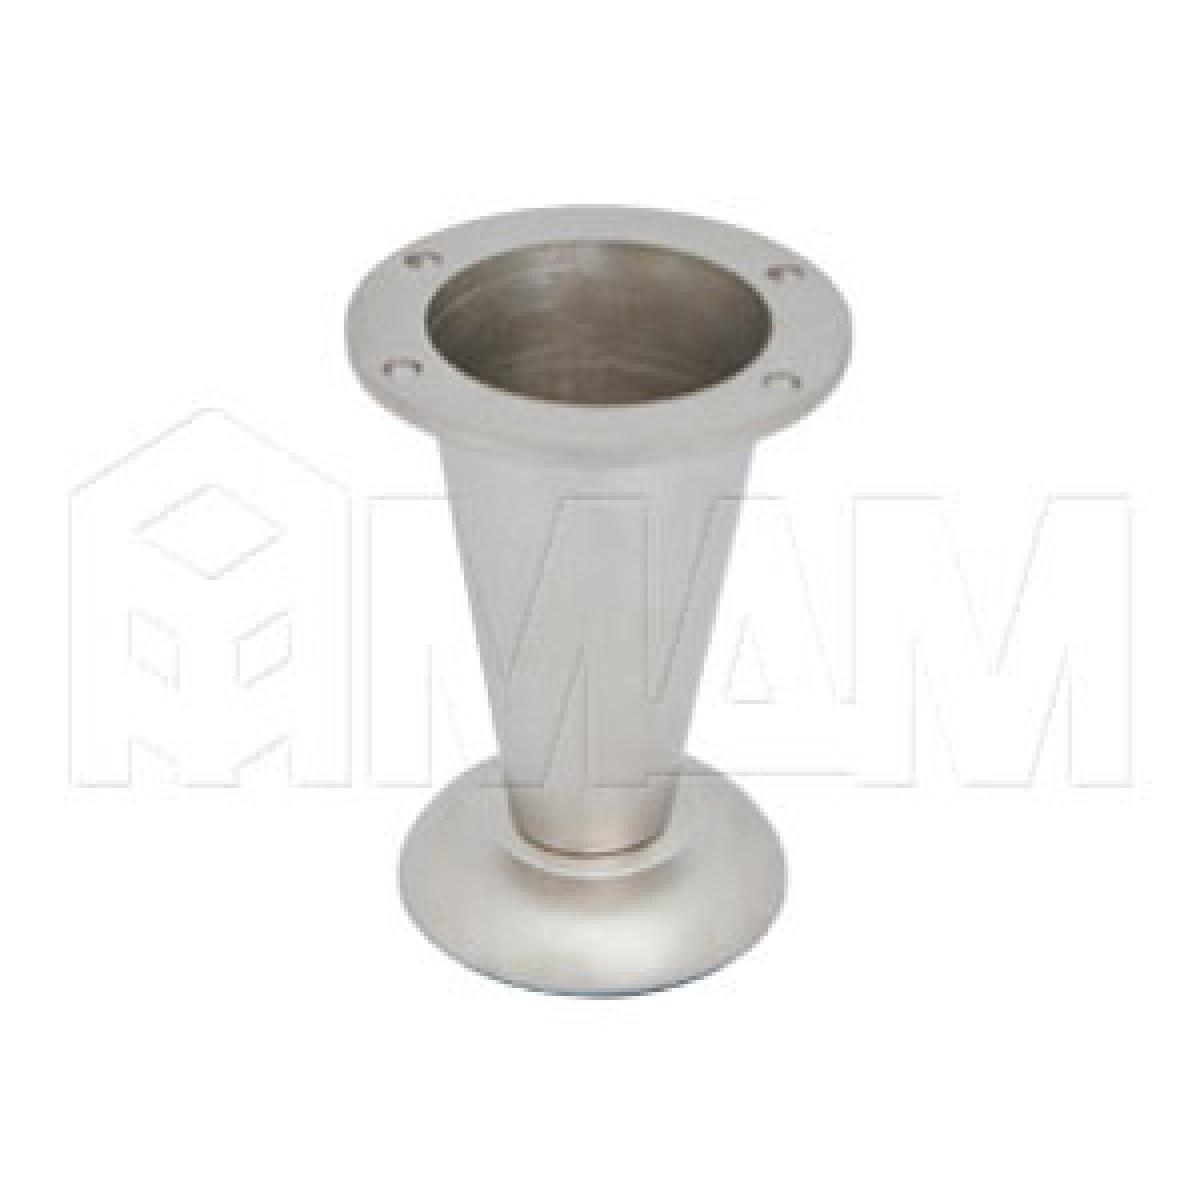 Опора декоративная Н103мм никель матовый